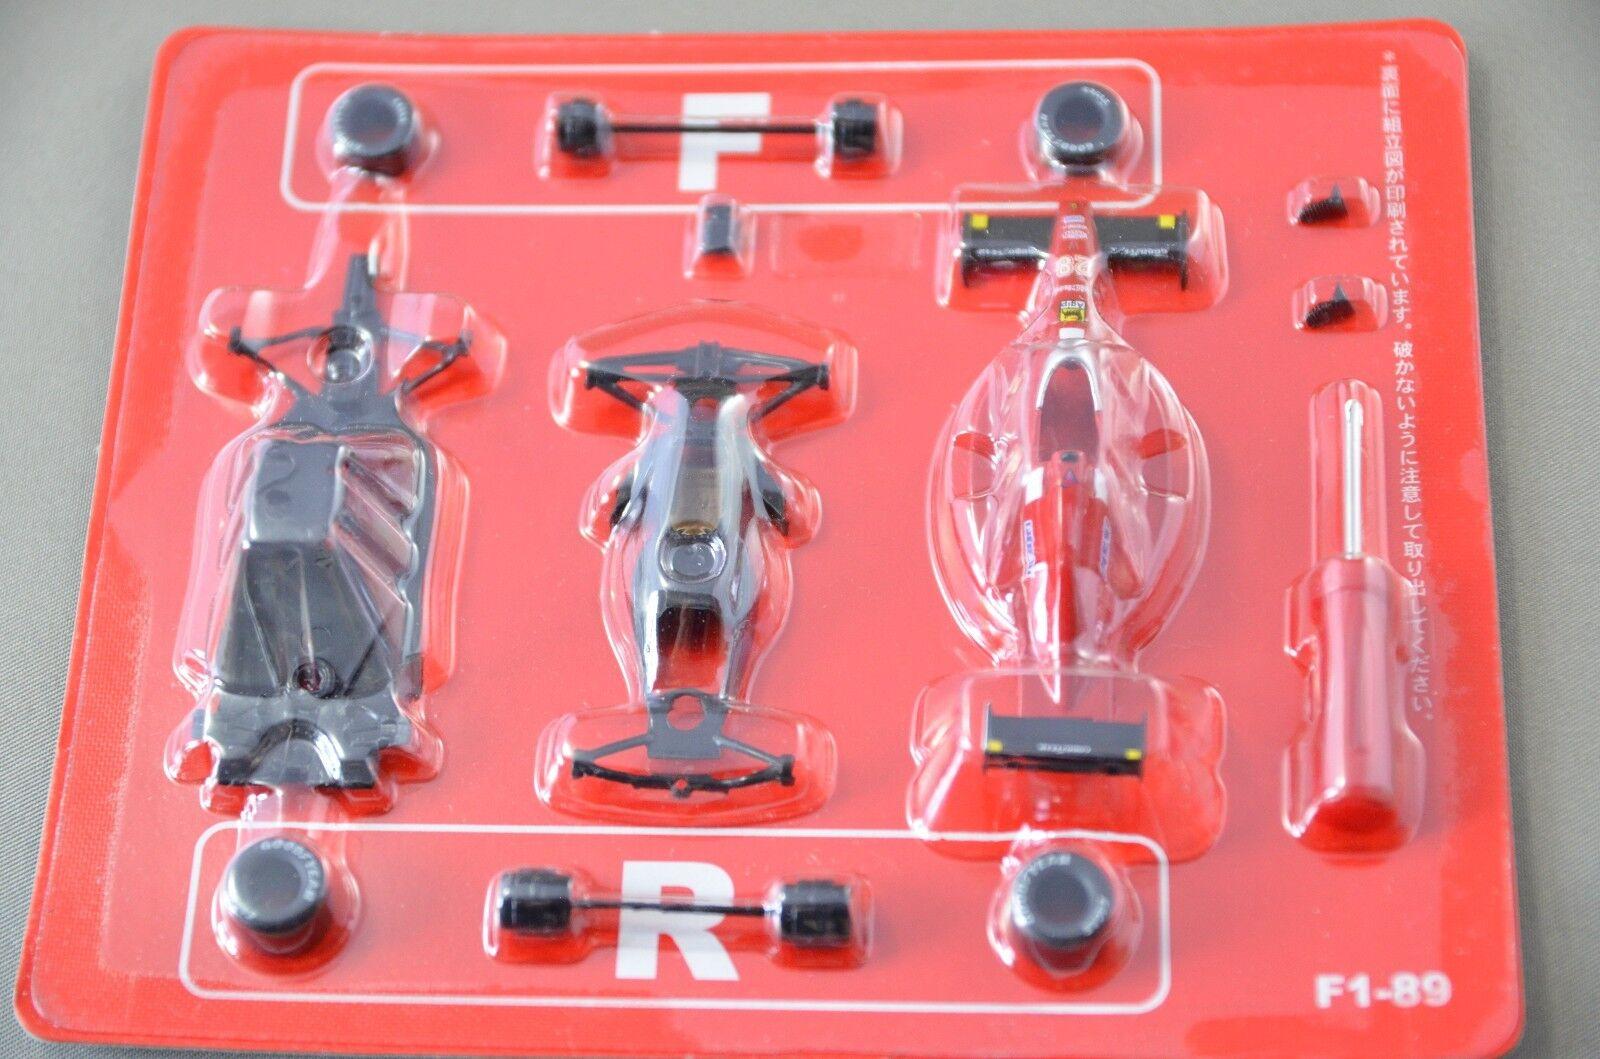 1 64 Kyosho Ferrari F1 89 No.28 G.Berger 1989 tärningskast modelllllerler bil